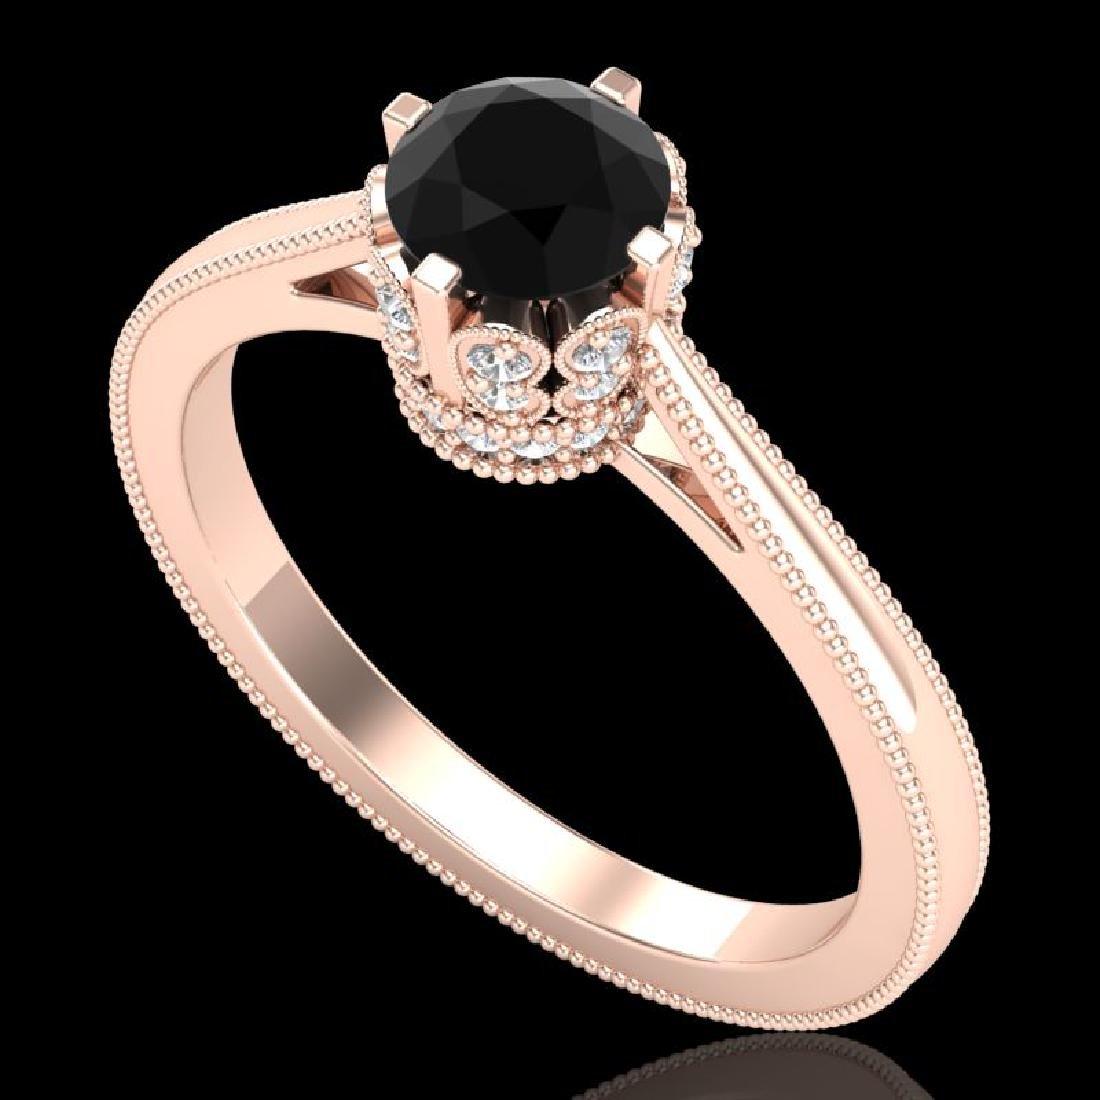 0.81 CTW Fancy Black Diamond Solitaire Engagement Art